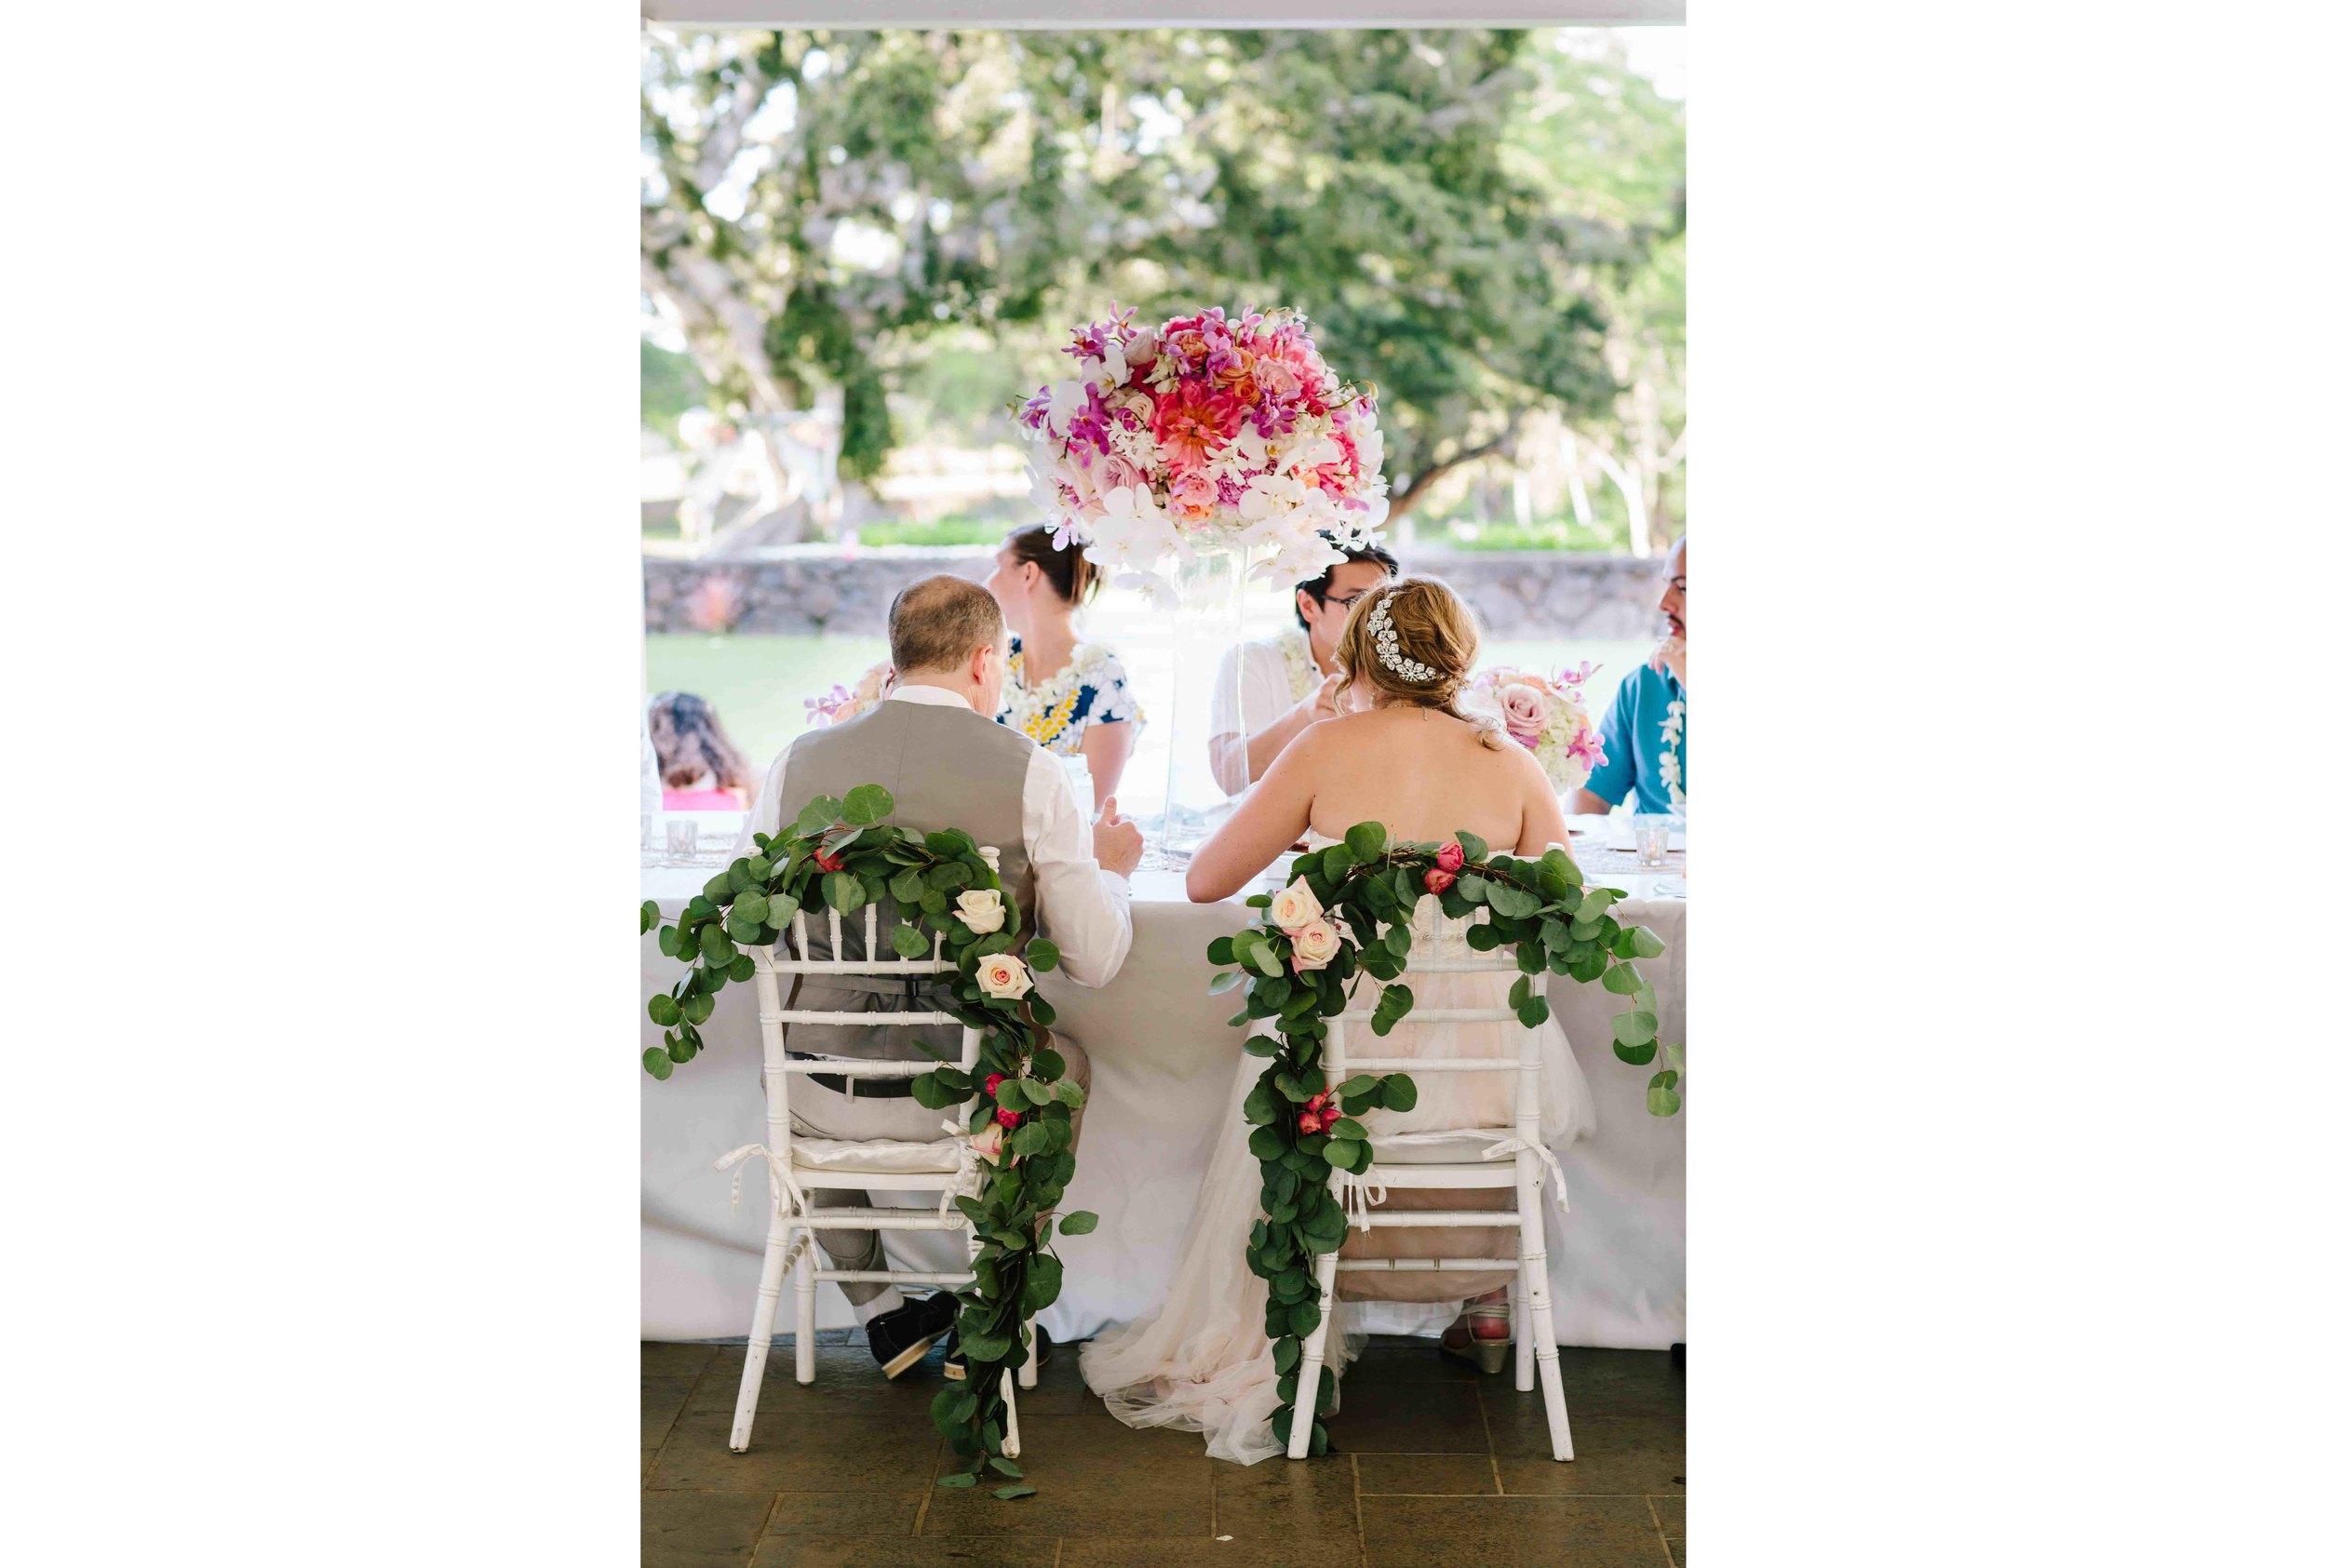 Dillingham Ranch Wedding Reception